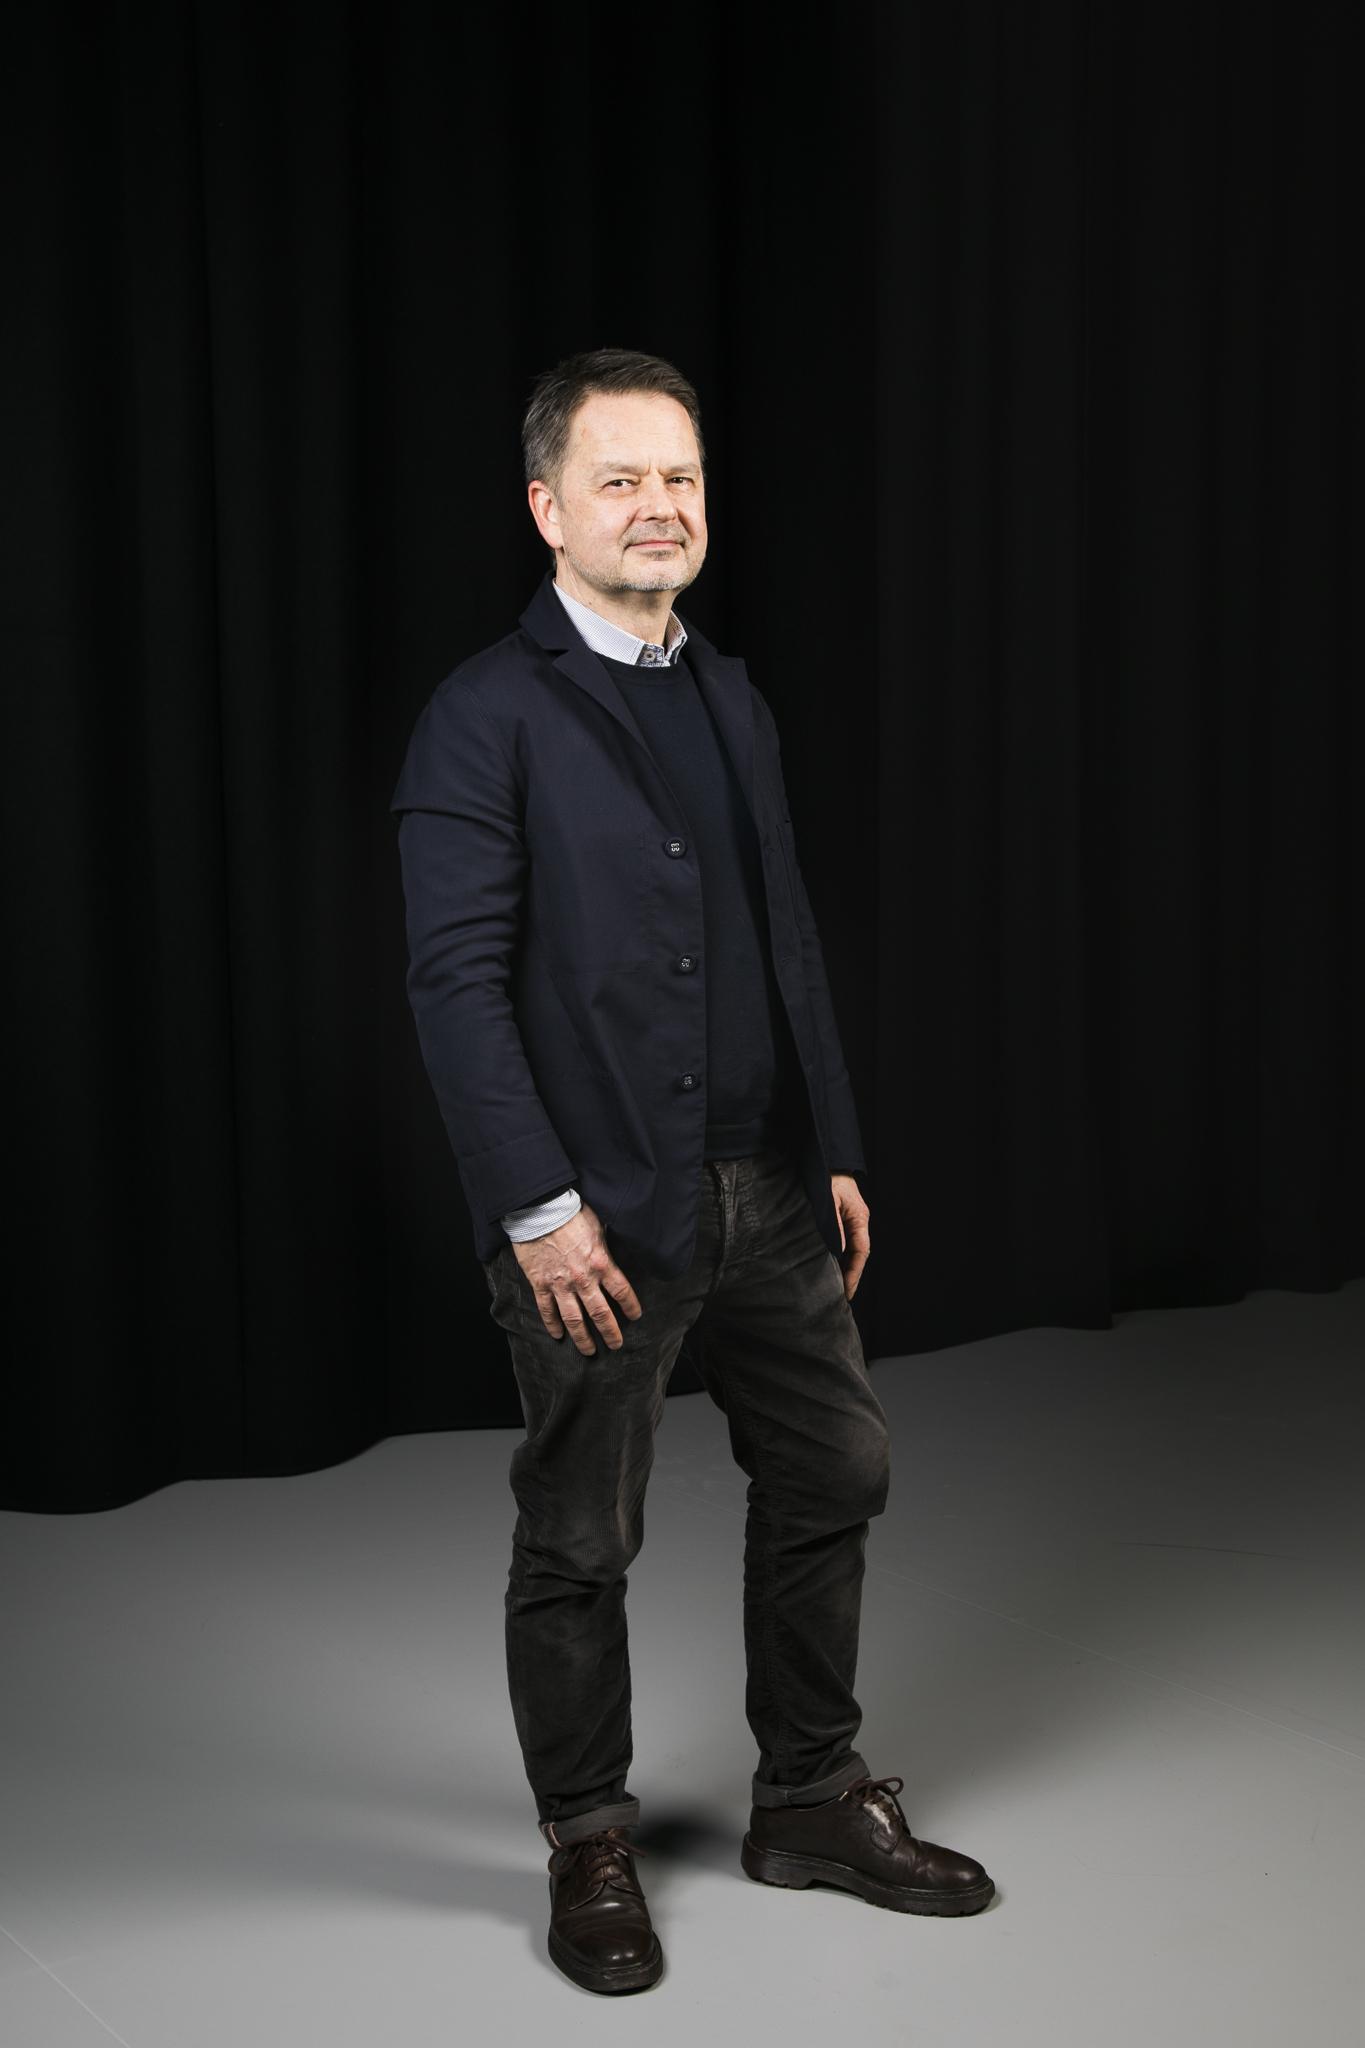 Mikael Aaltonen/Tanssin talo. Kuva: Jonne Sippola